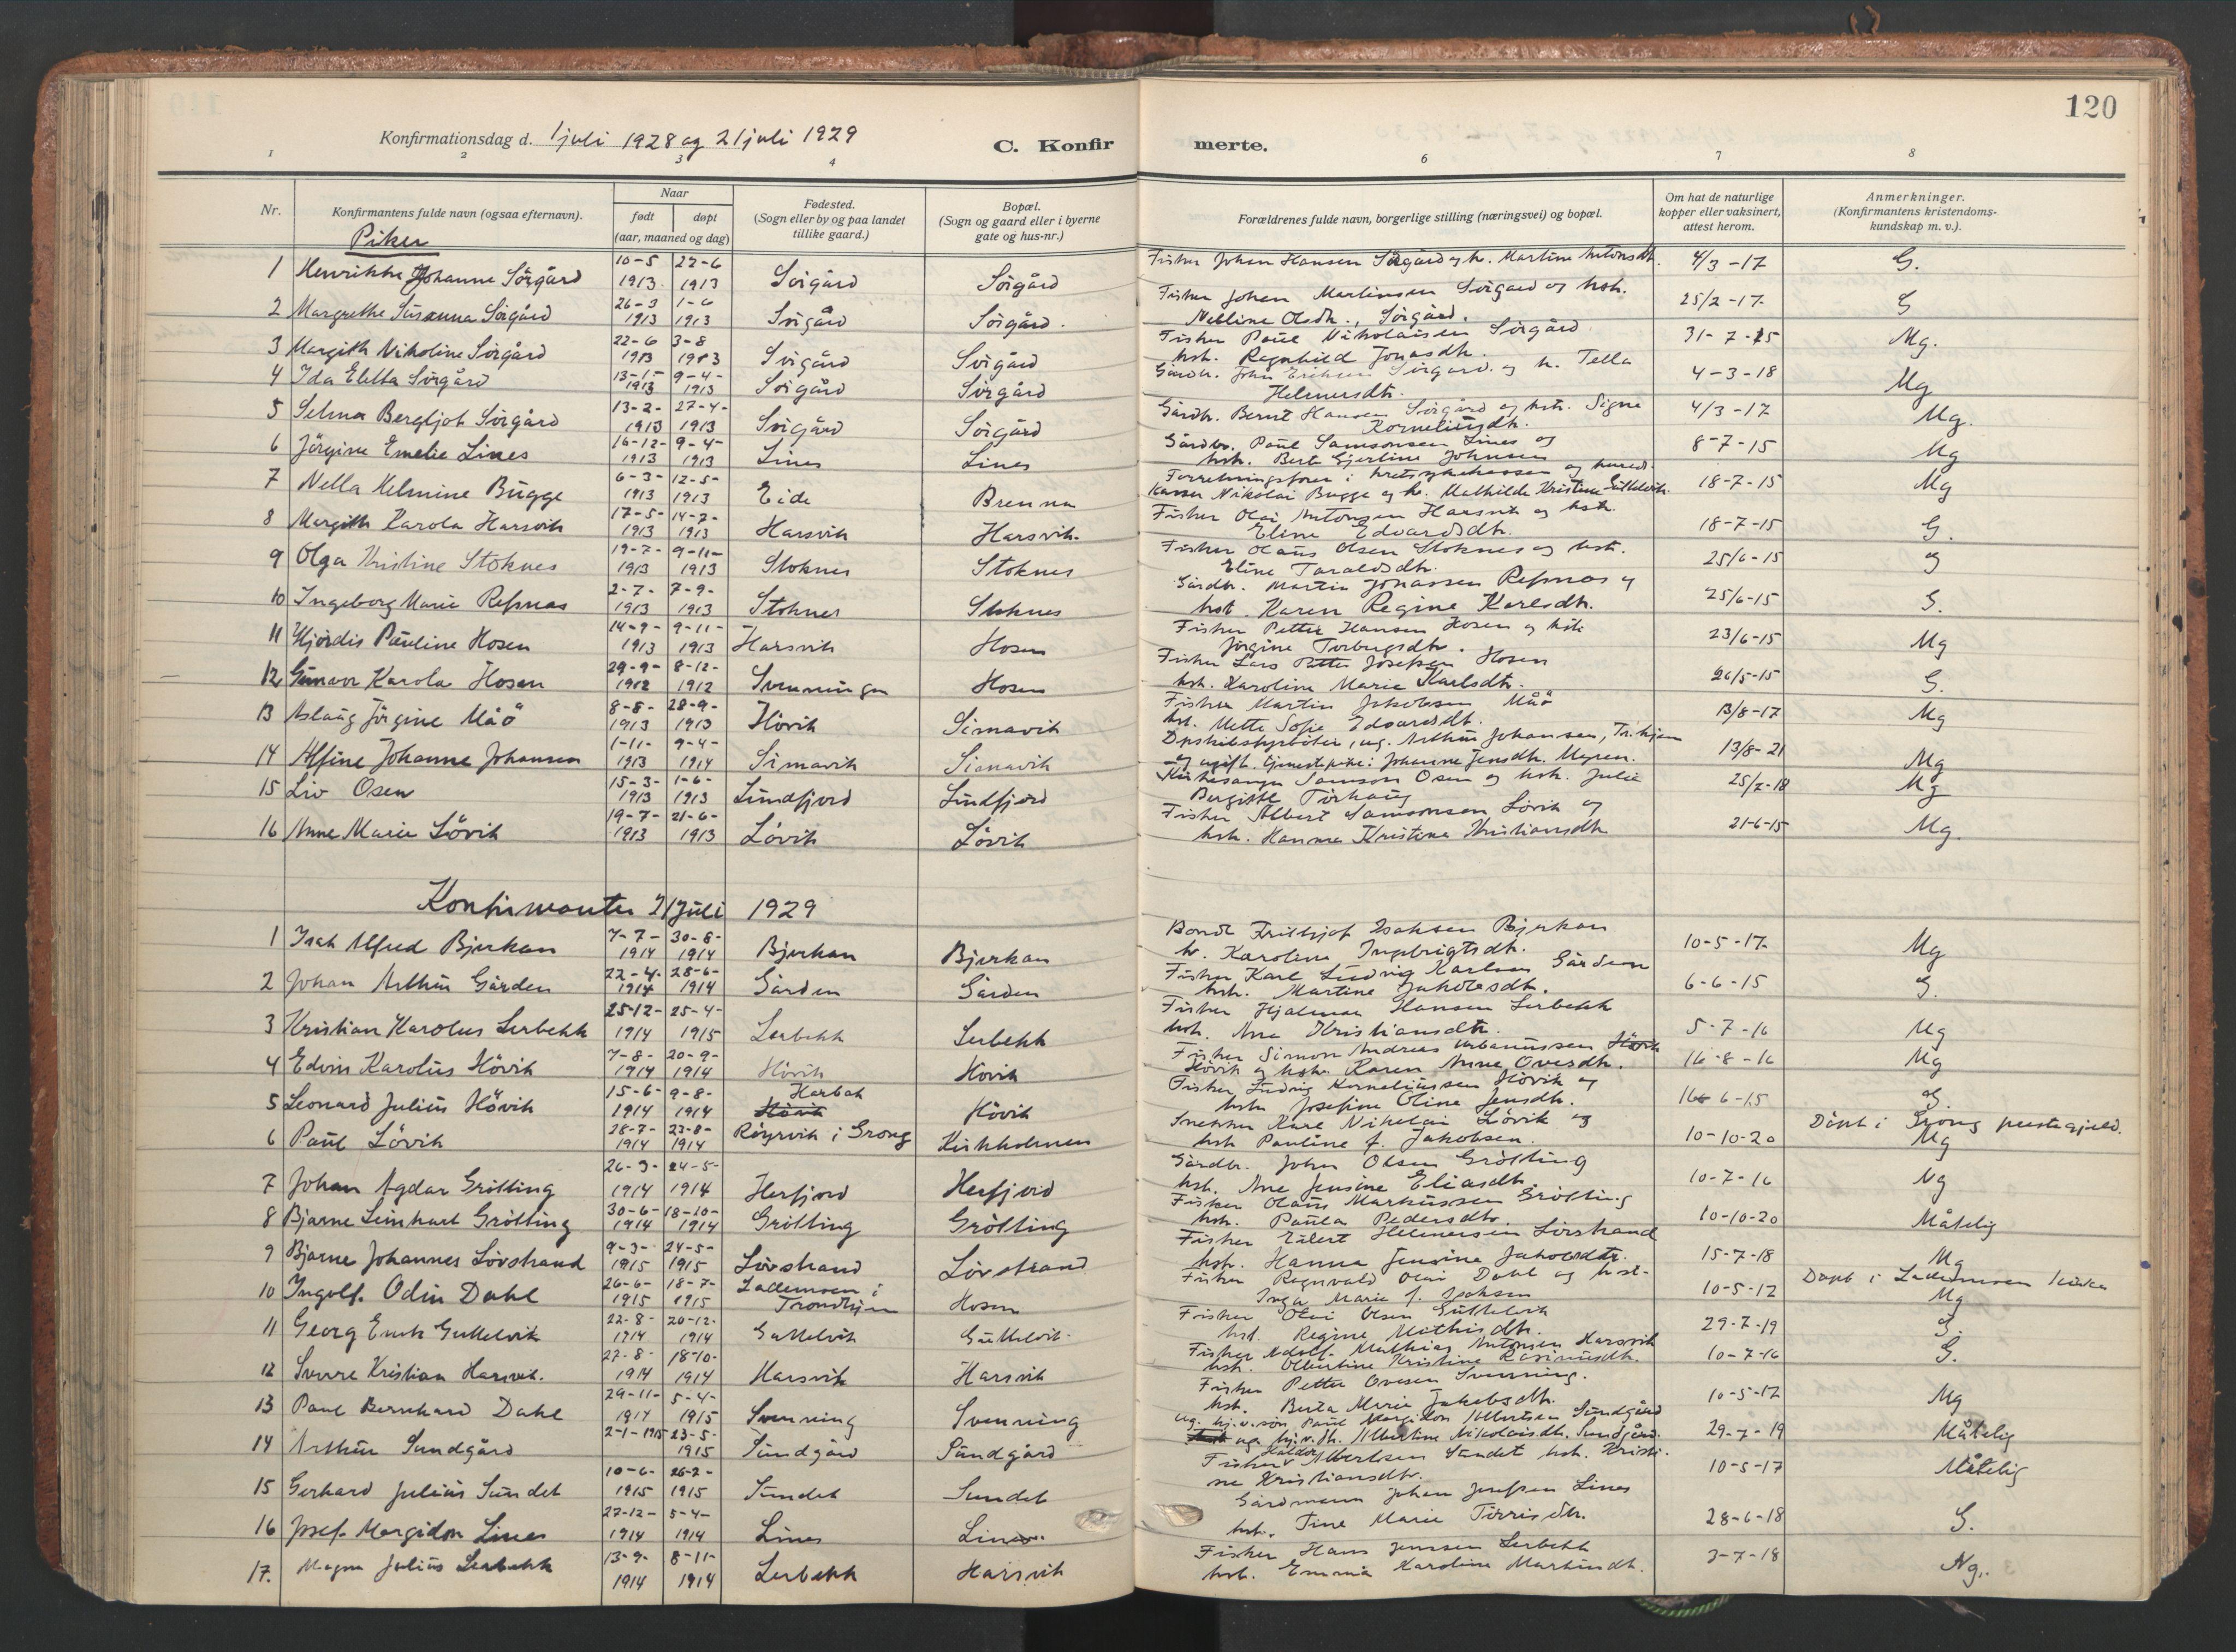 SAT, Ministerialprotokoller, klokkerbøker og fødselsregistre - Sør-Trøndelag, 656/L0694: Ministerialbok nr. 656A03, 1914-1931, s. 120